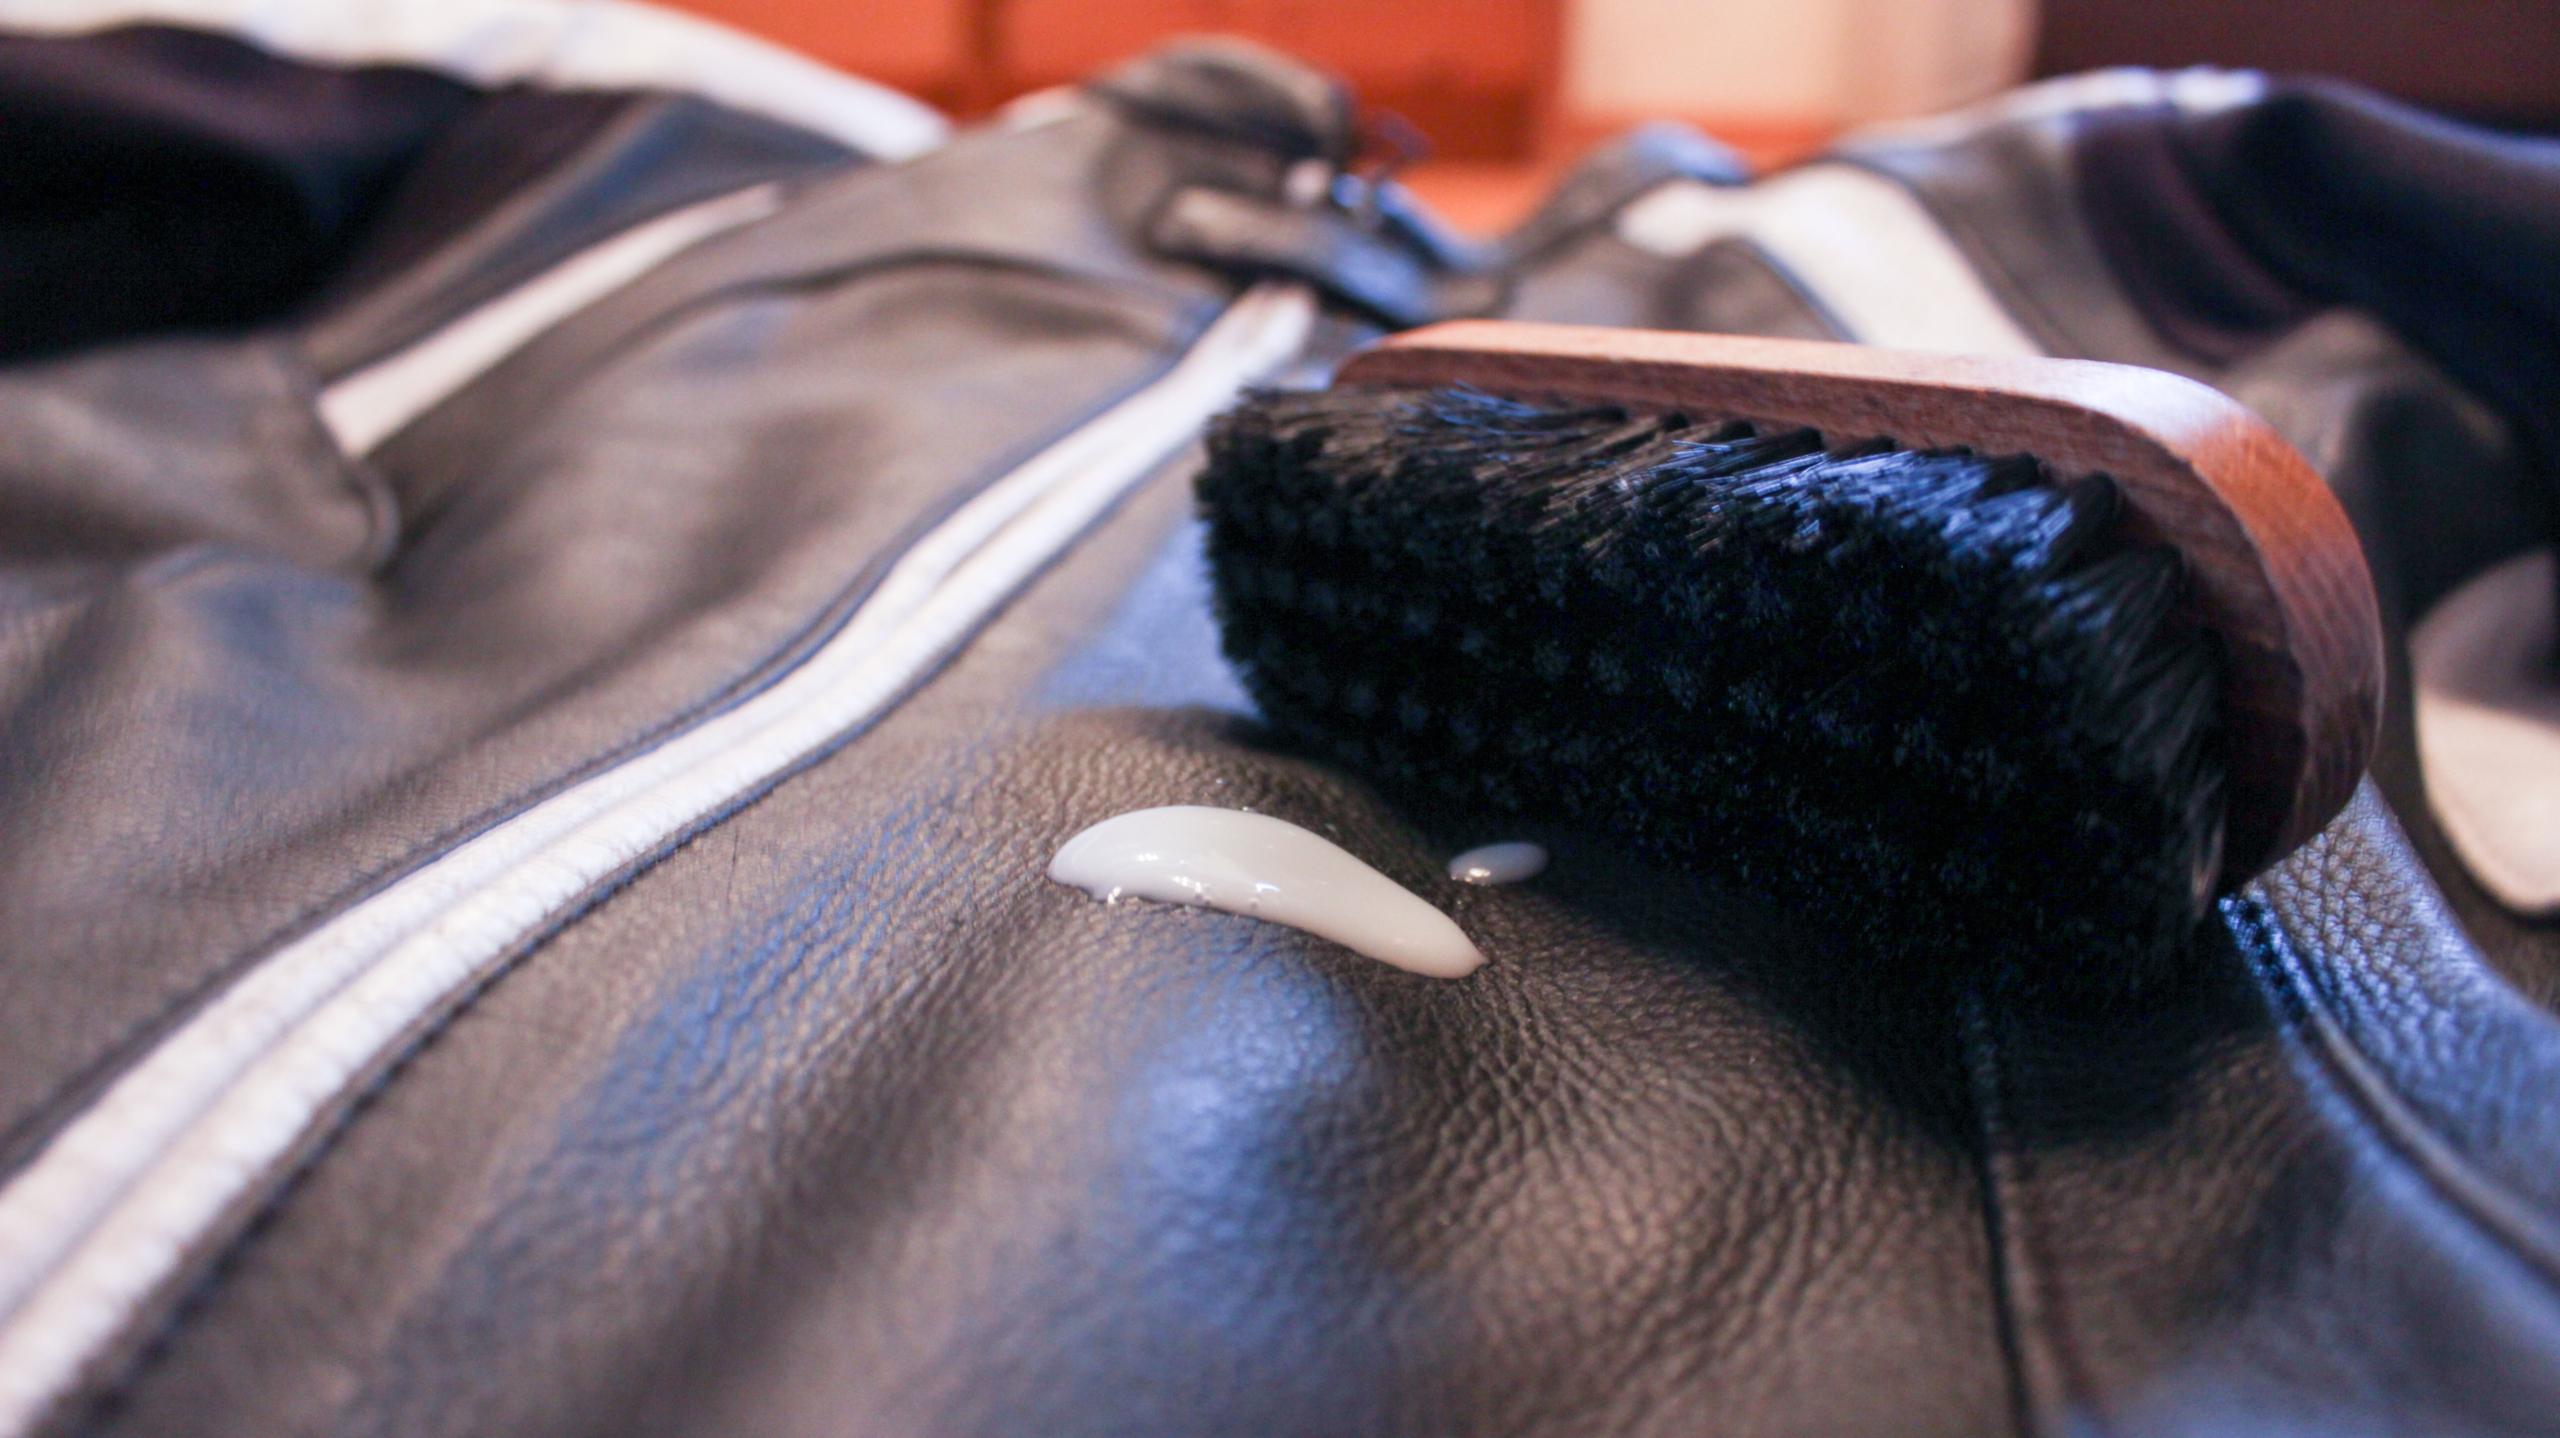 Schutzkleidung in Schuss halten Lederpflege mit Bürste